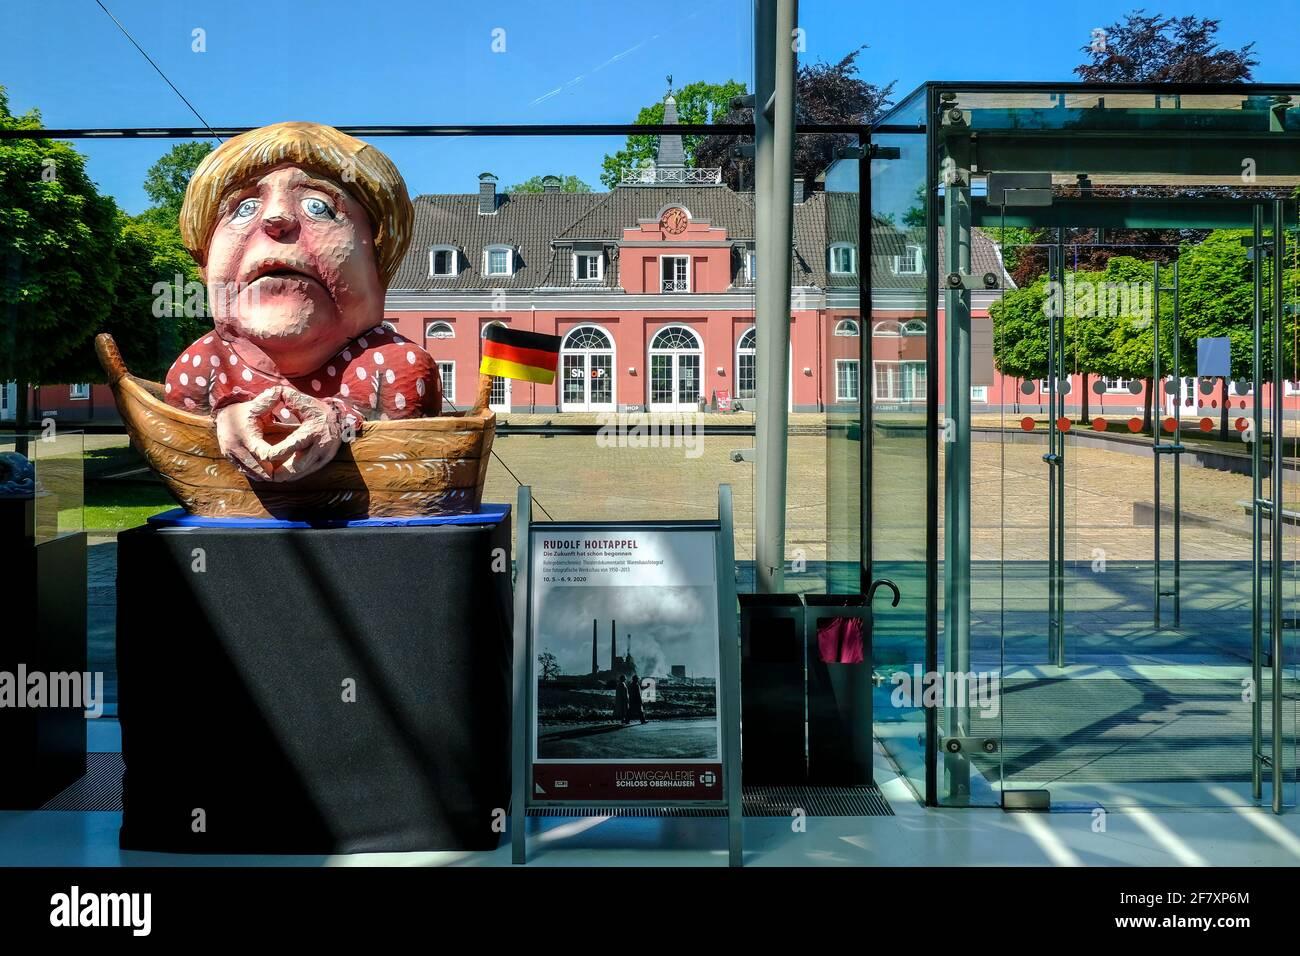 07.05.2020, Oberhausen, Nordrhein-Westfalen, Deutschland - Blick aus dem Foyer des Hauptgebaeudes von Schloss Oberhausen auf das Kleine Schloss im Fru Stock Photo